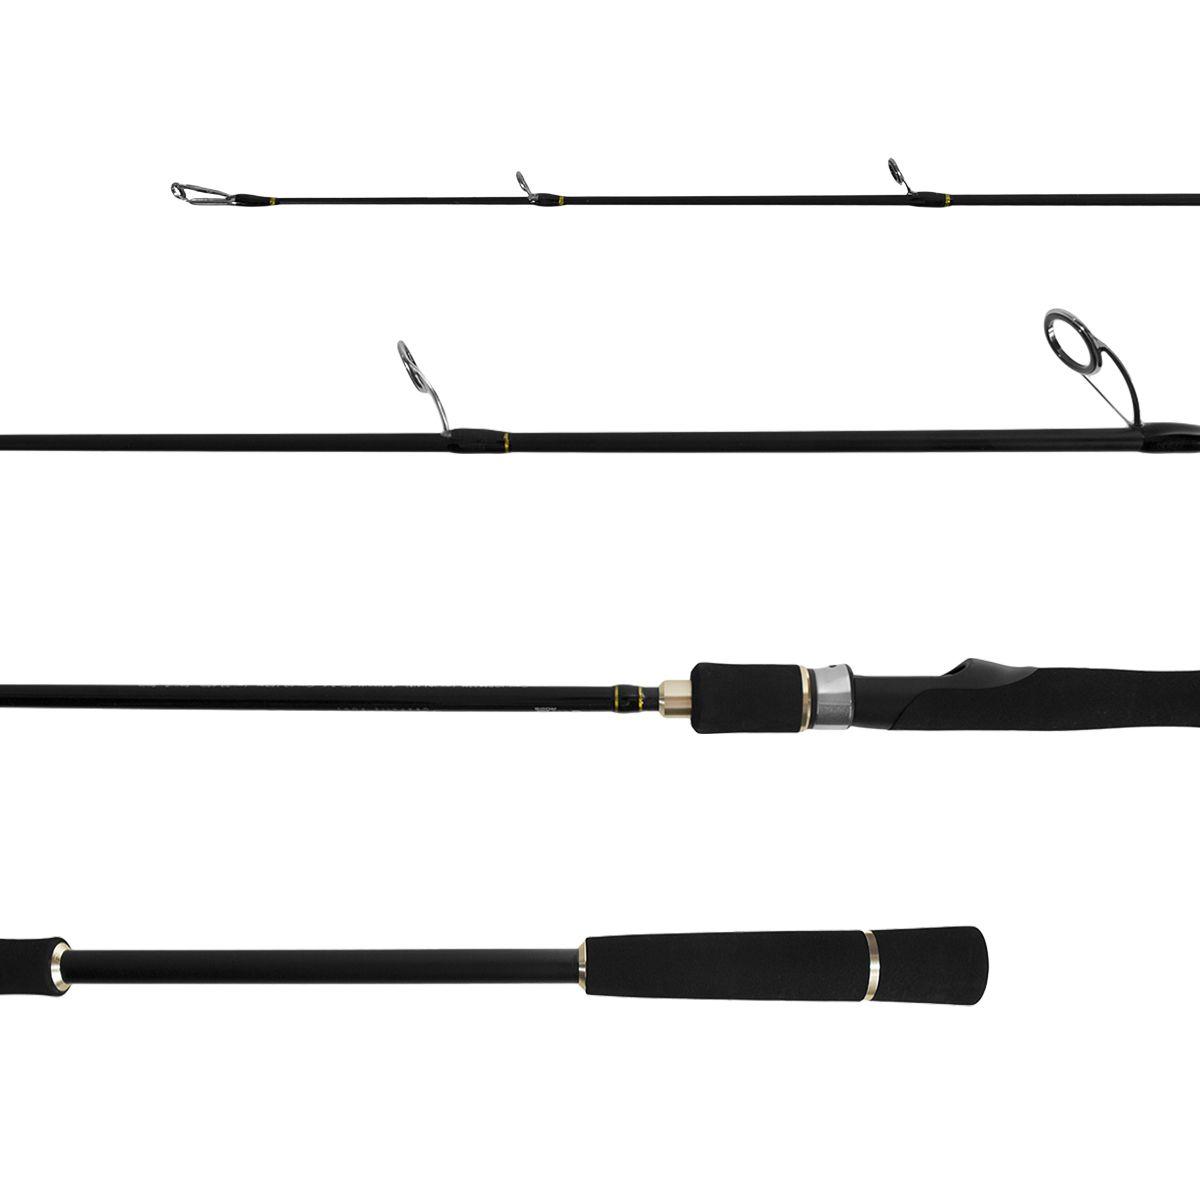 Vara Molinete Jigging Pro IM6 1,92M PE 2-4 2 Partes Lumis